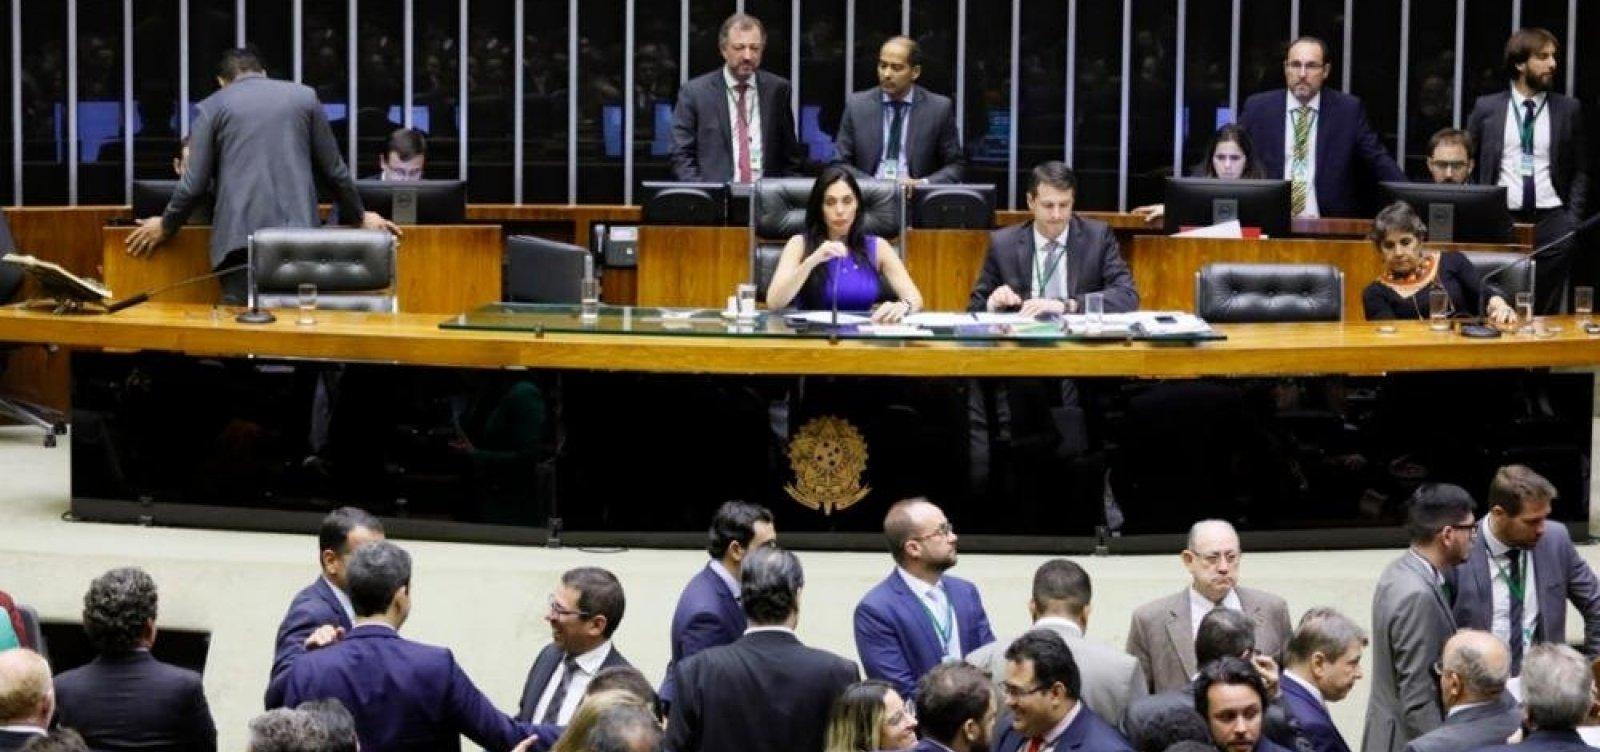 Câmara aprova mudança na regra do repasse de emendas parlamentares